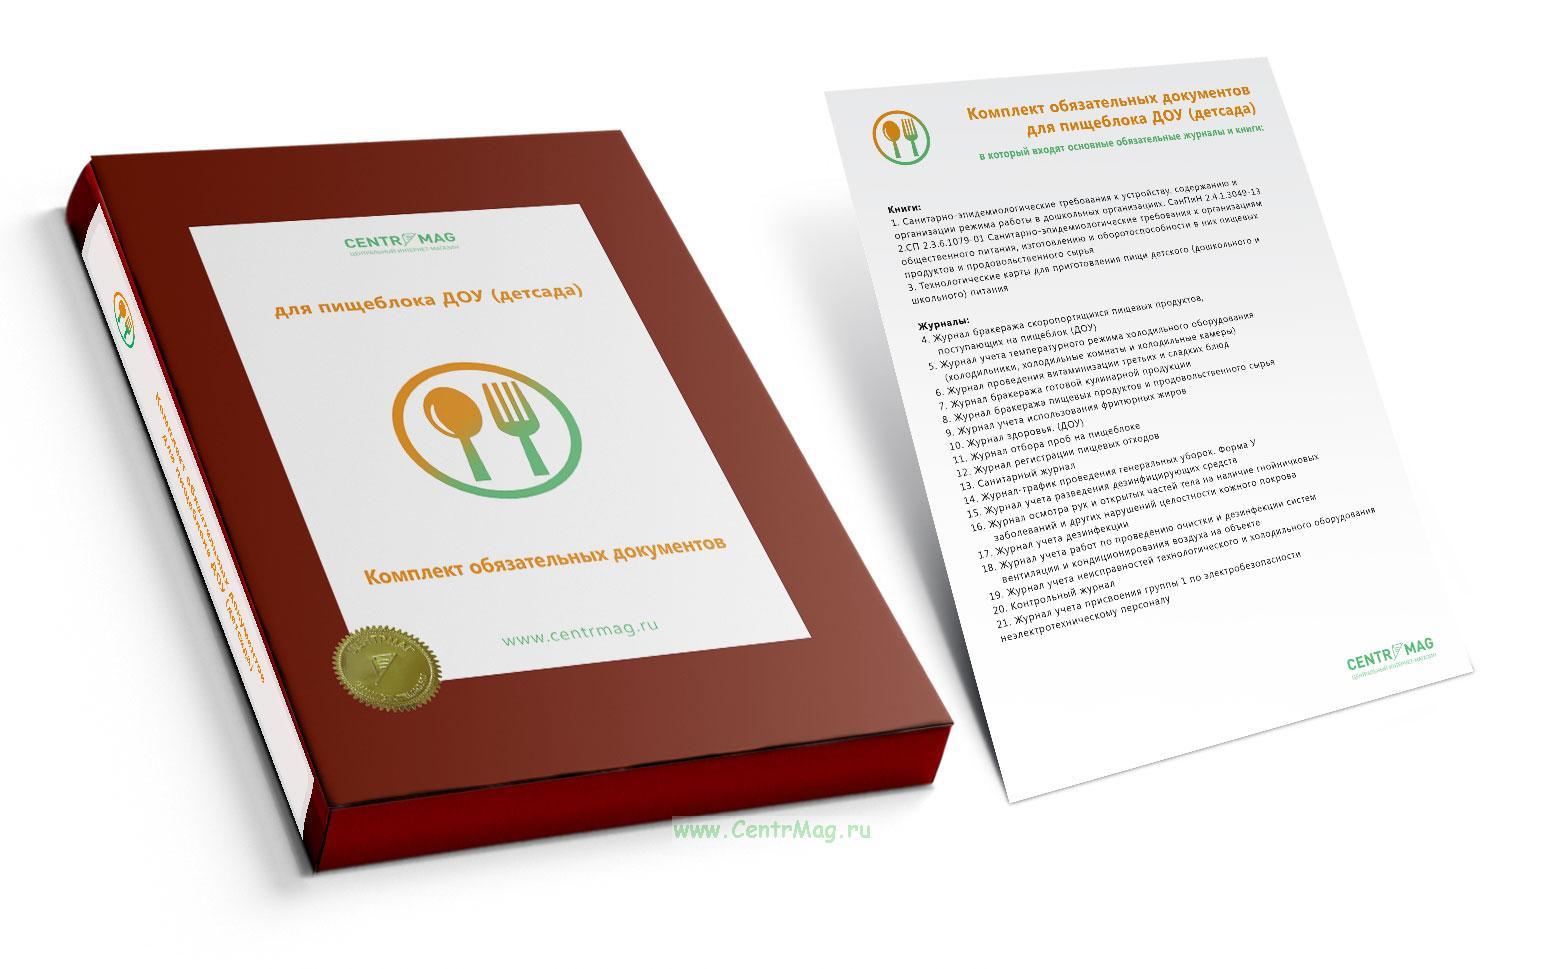 Комплект обязательных документов для пищеблока ДОУ (детсада) 2019 год. Последняя редакция